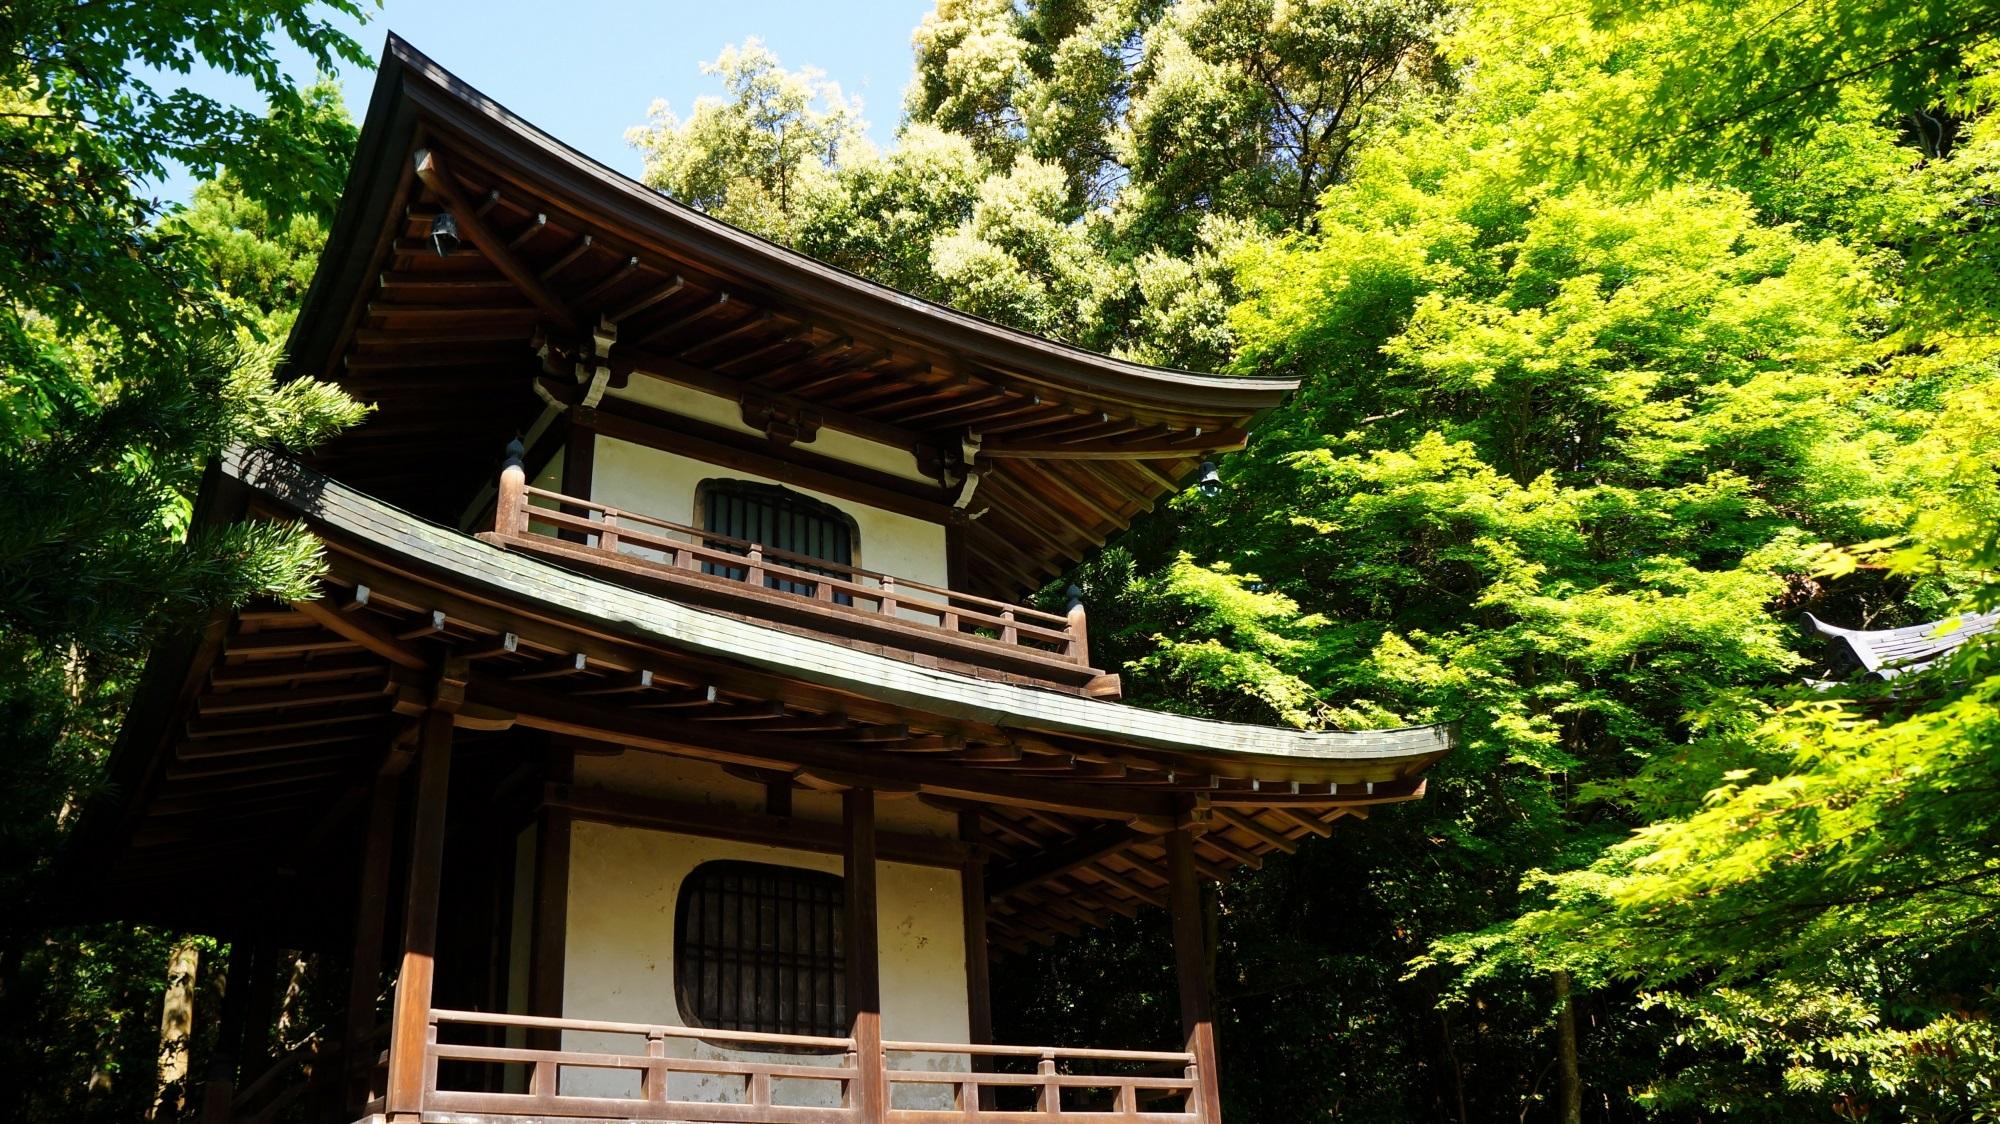 穴場のお寺の栖賢寺の宝塔と眩しい新緑